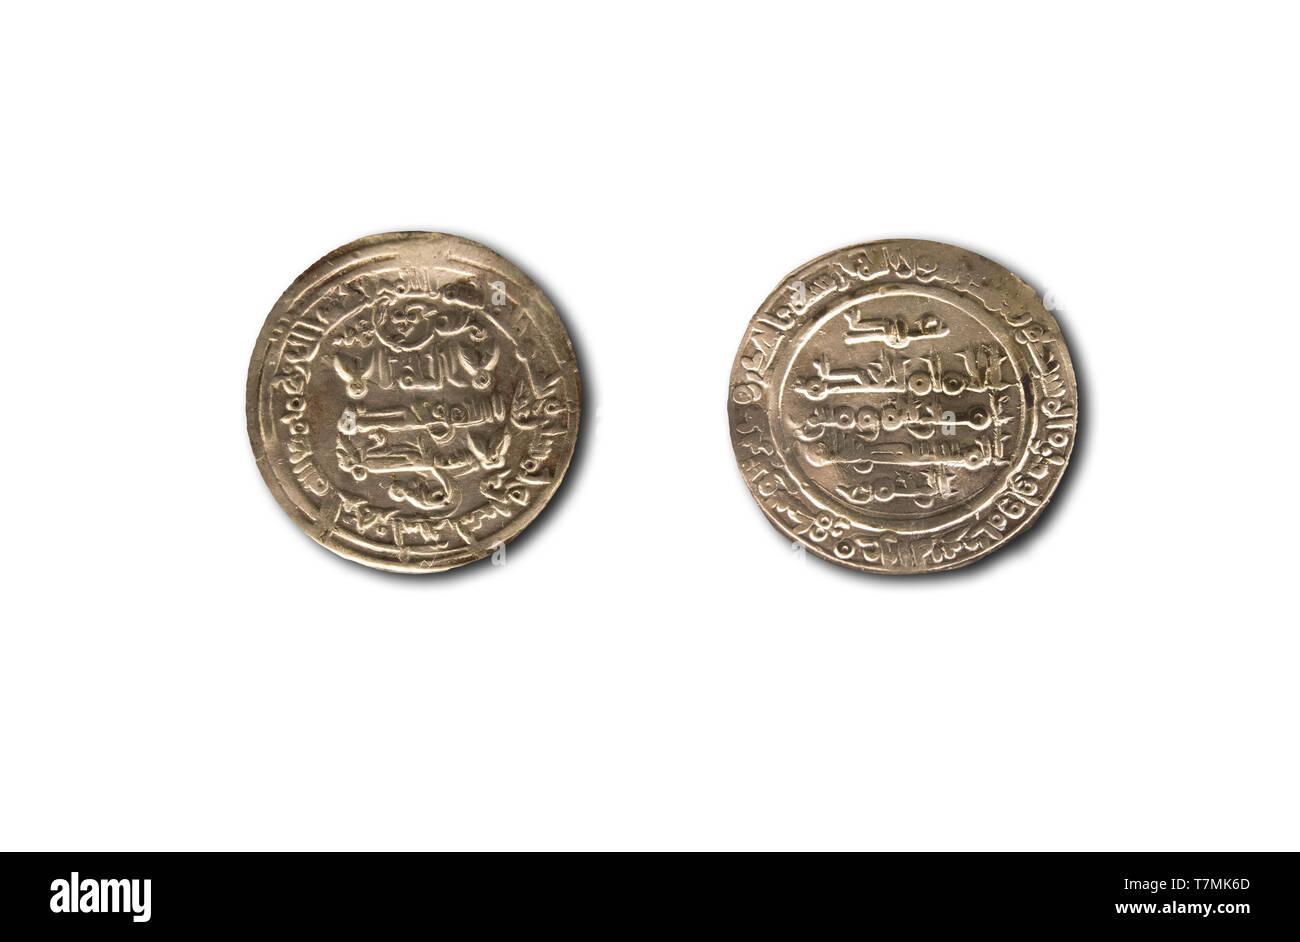 Califat de Cordoue dirhams d'argent, règle d'Al-Hakam II période, 962 AC. Isolé Photo Stock